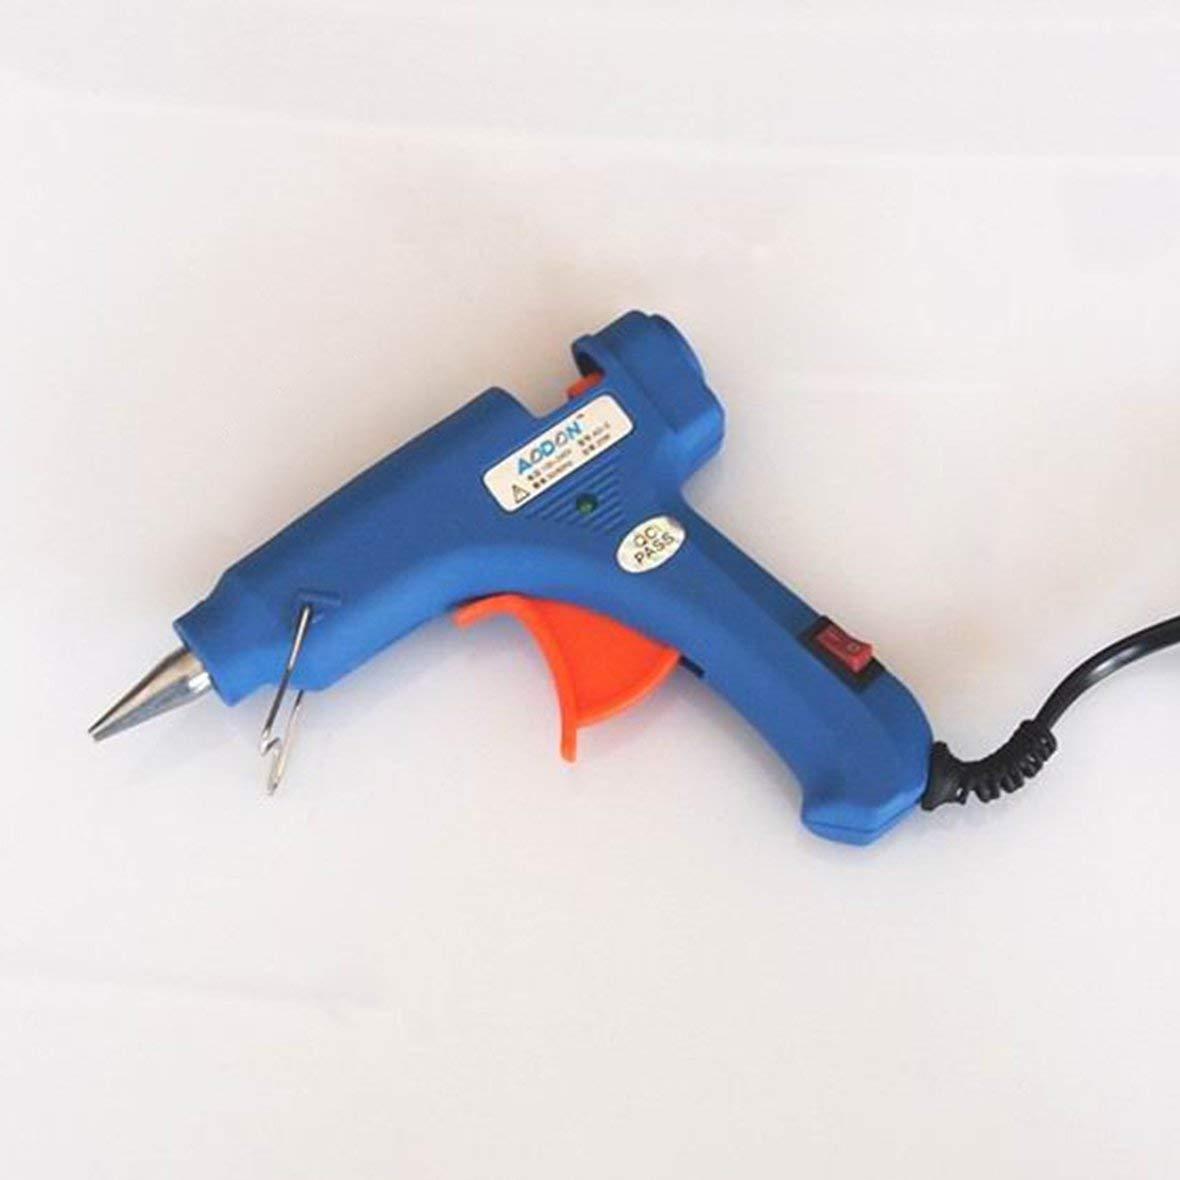 Heaviesk Klebepistole mit Schalter 20W Hei/ßklebepistole Hei/ßschmelzklebepistole Mini Klebepistole DIY Schmuck